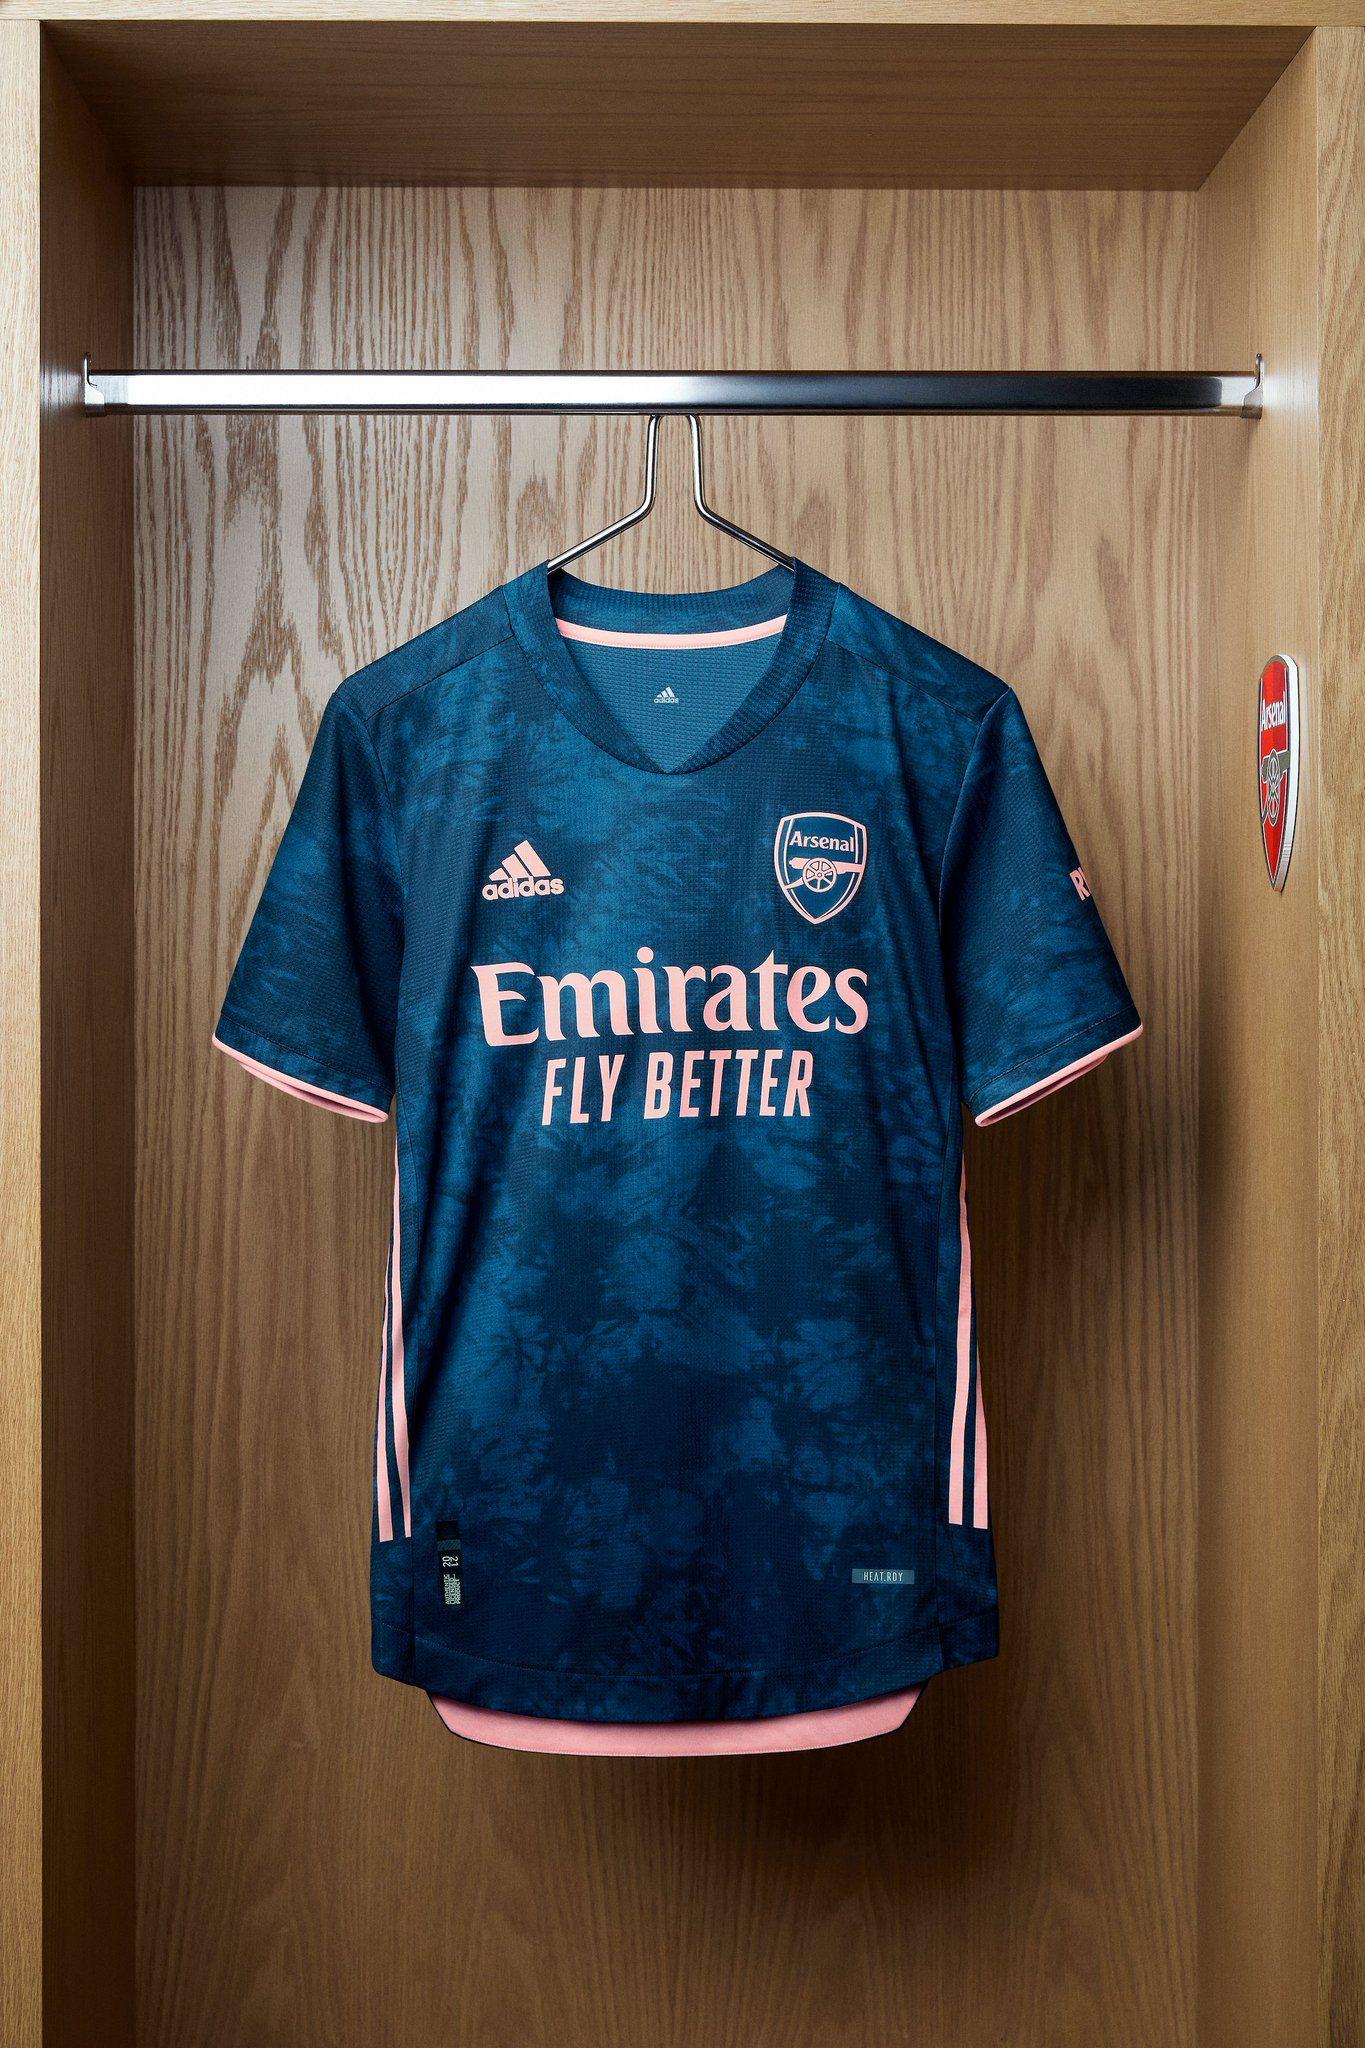 Dom objesiti Ispljunuti  Arsenal on Twitter | Sport shirt design, Football kits, Sports jersey design